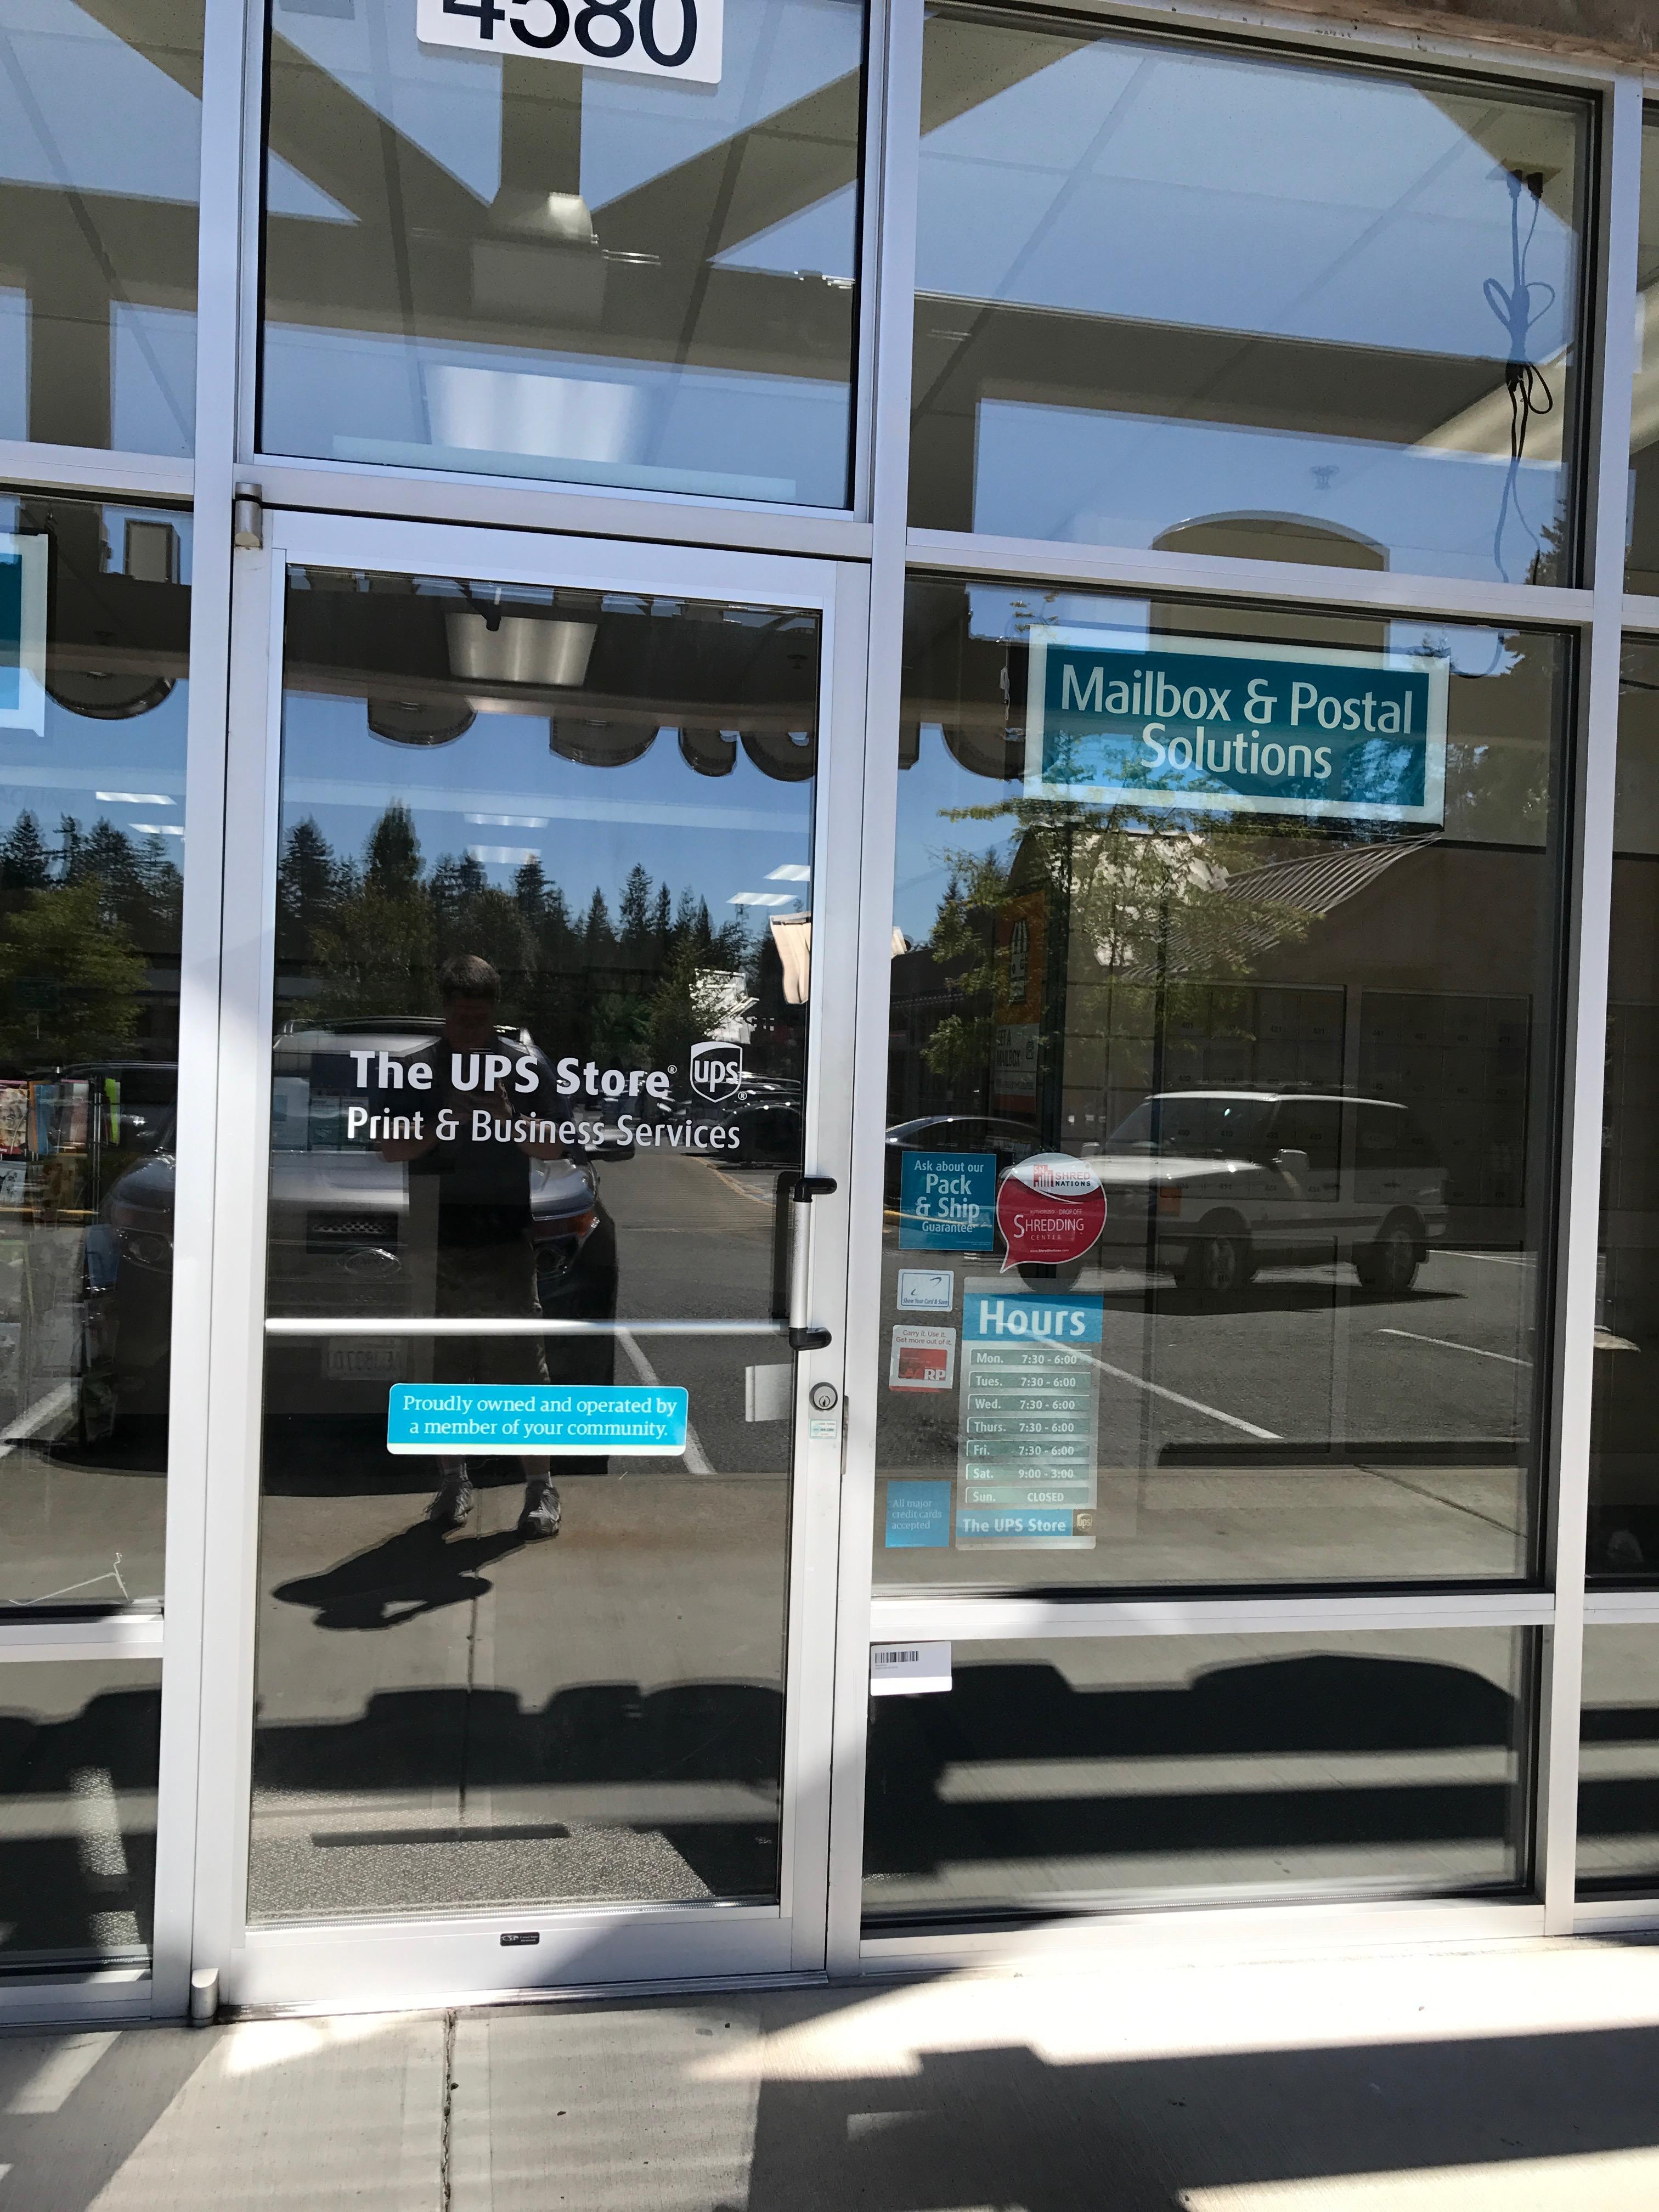 Glass door ups store - Get Directions